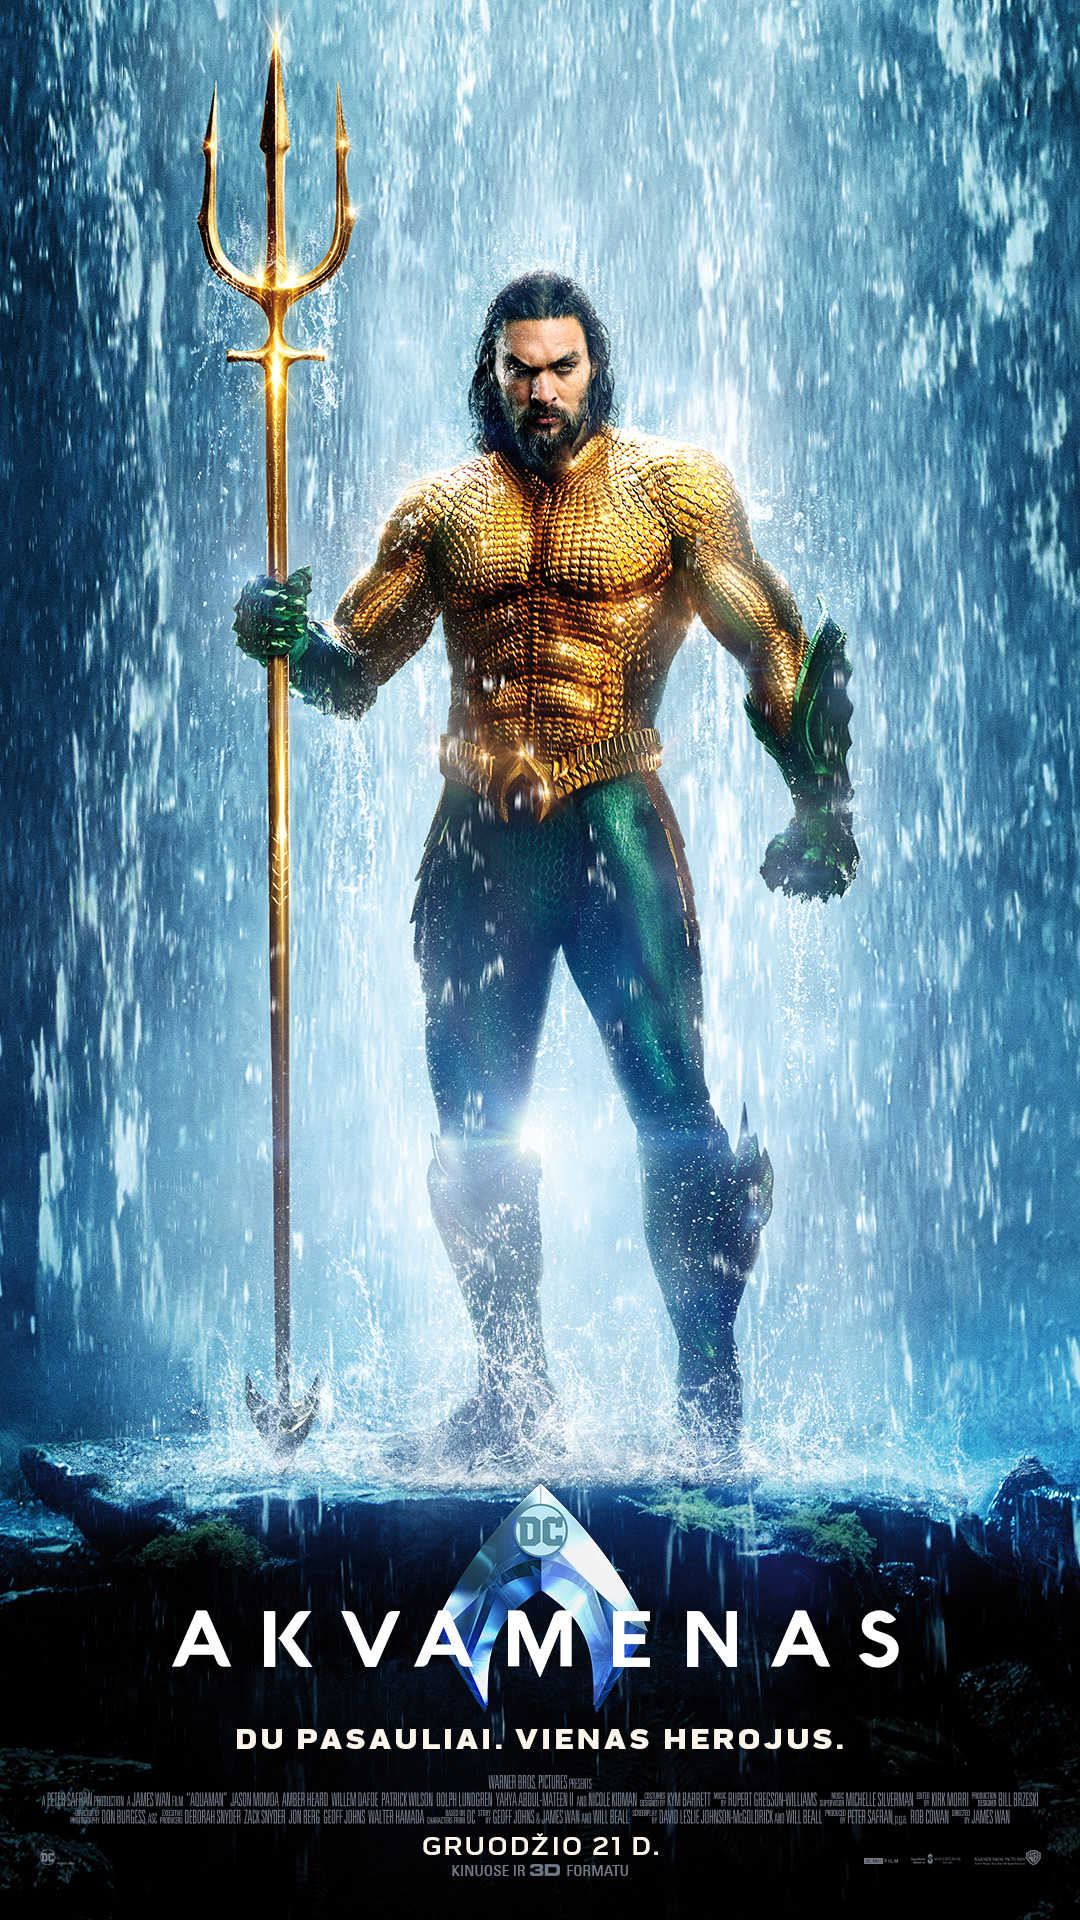 AKVAMENAS (Aquaman)